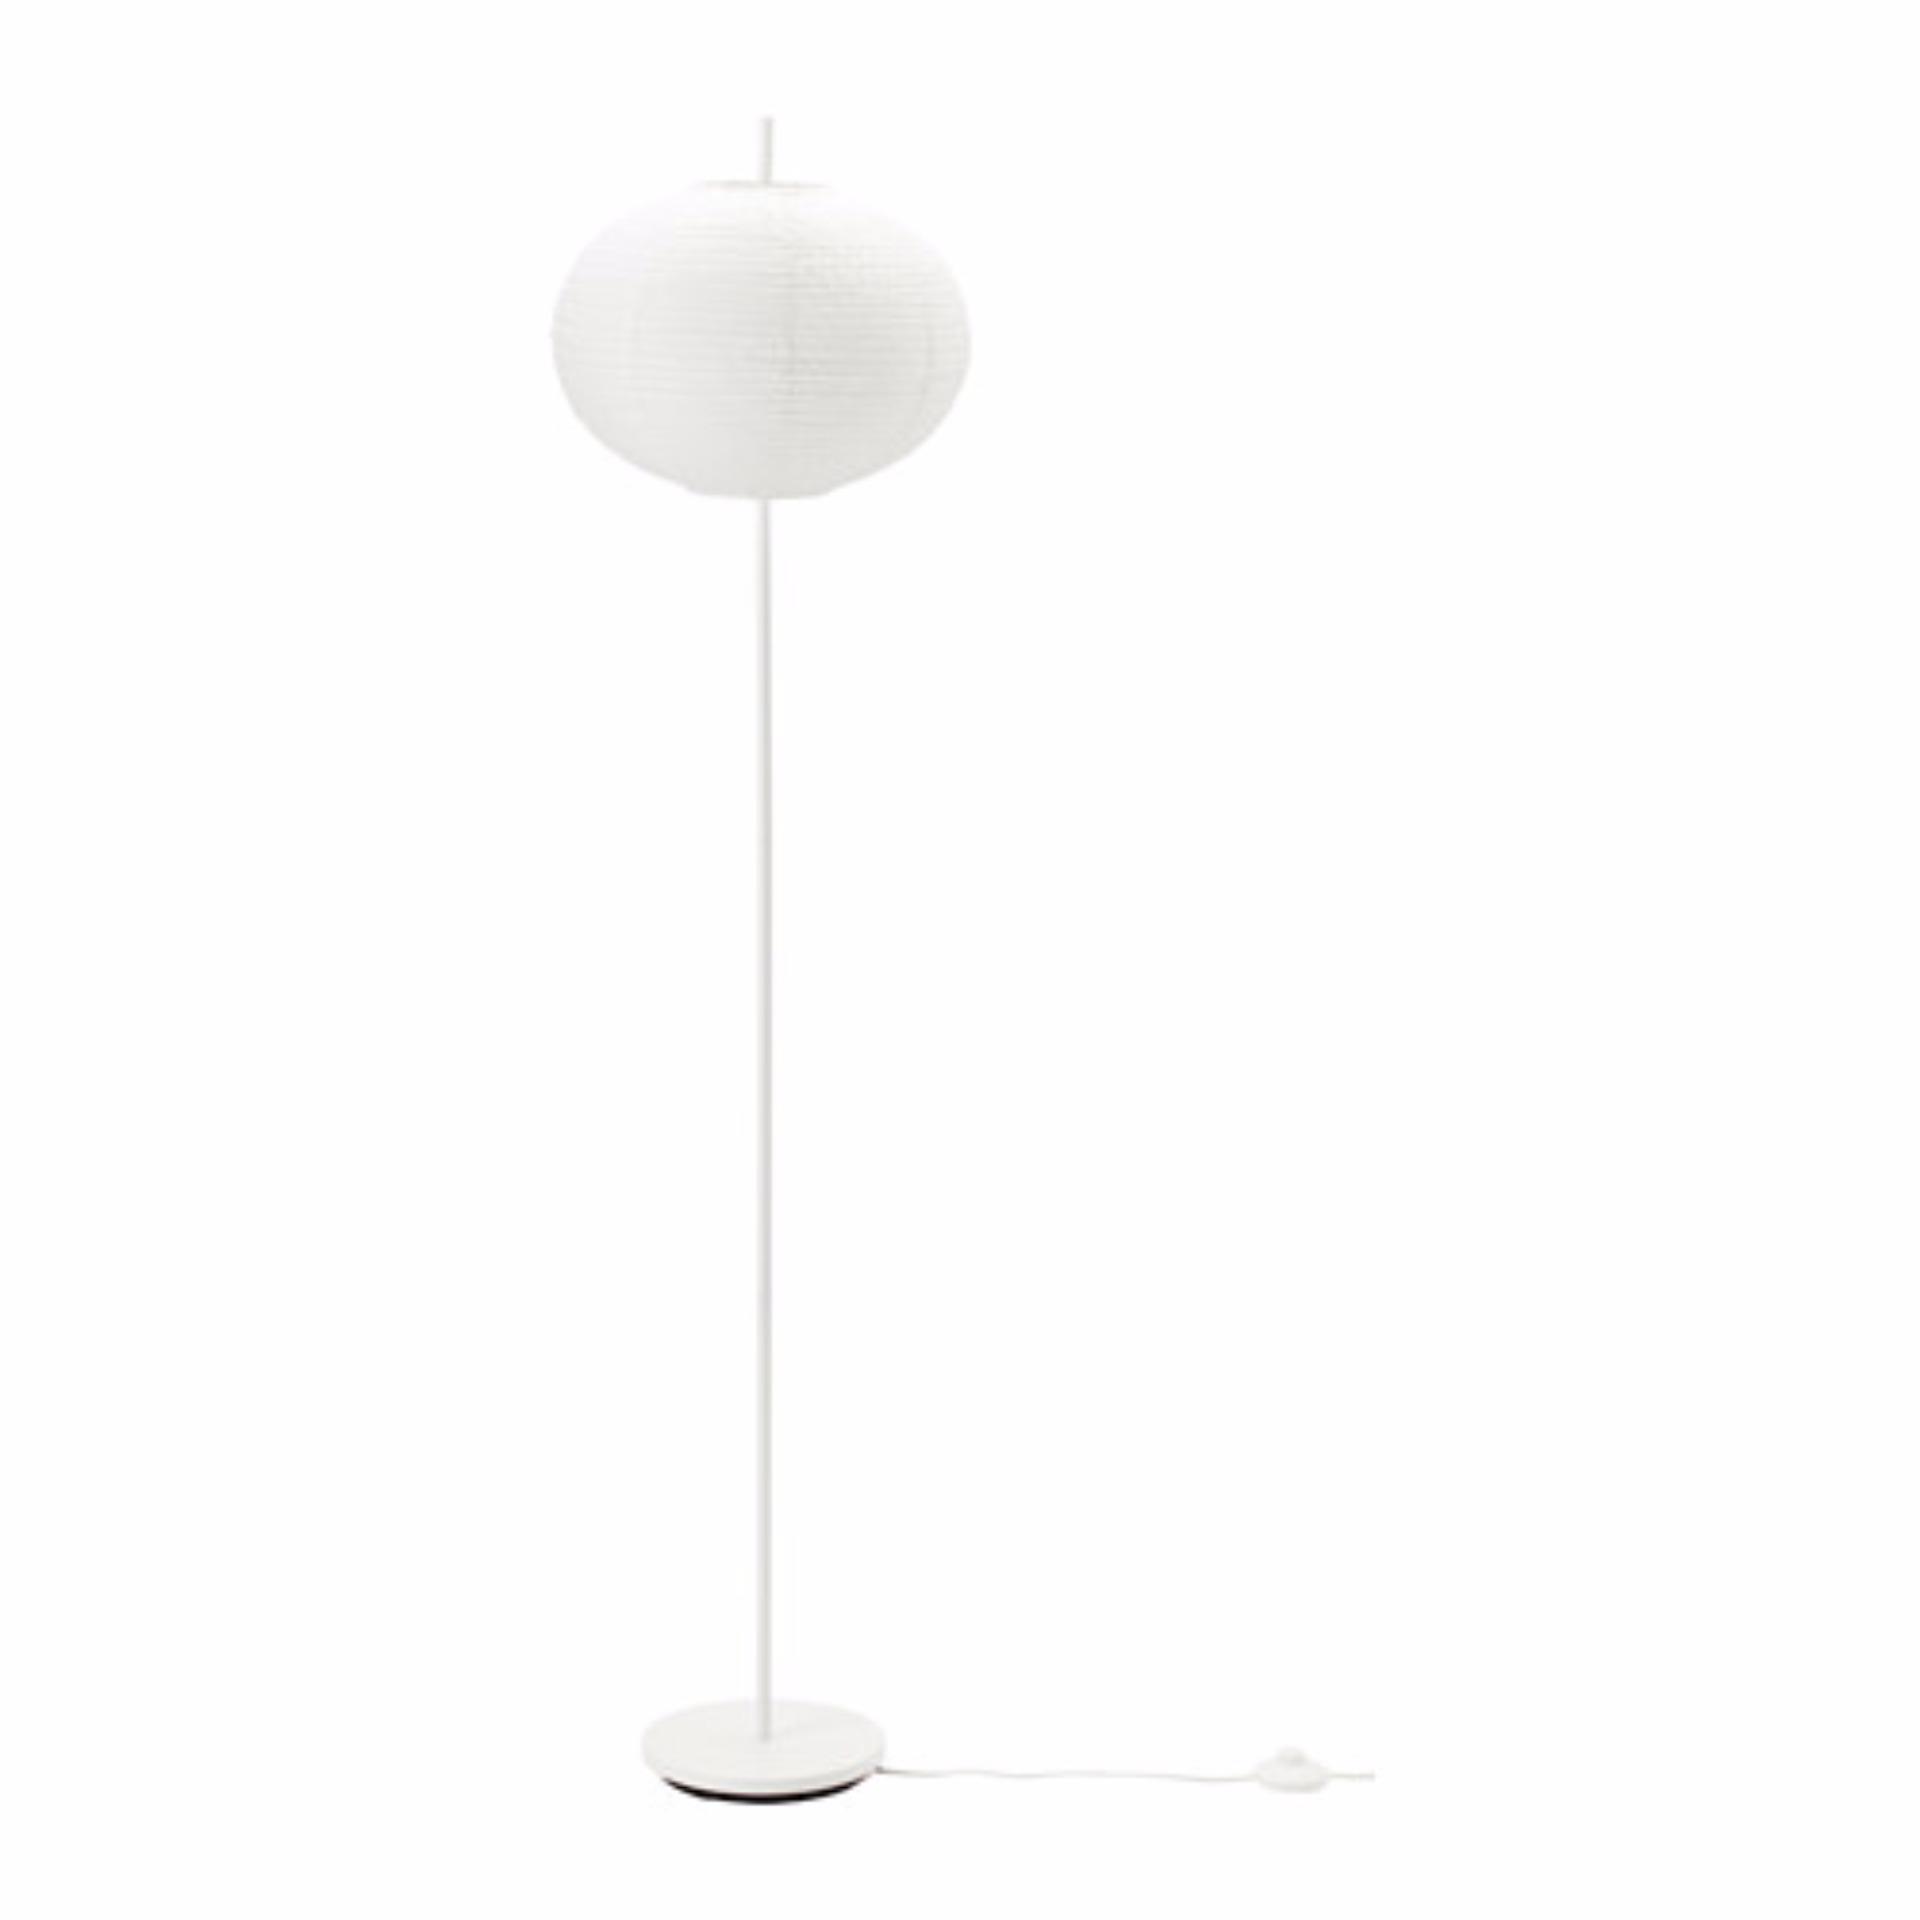 Hitam Daftar Harga Source · IKEA Not Lampu Lantai Sorot Atas dan Baca .